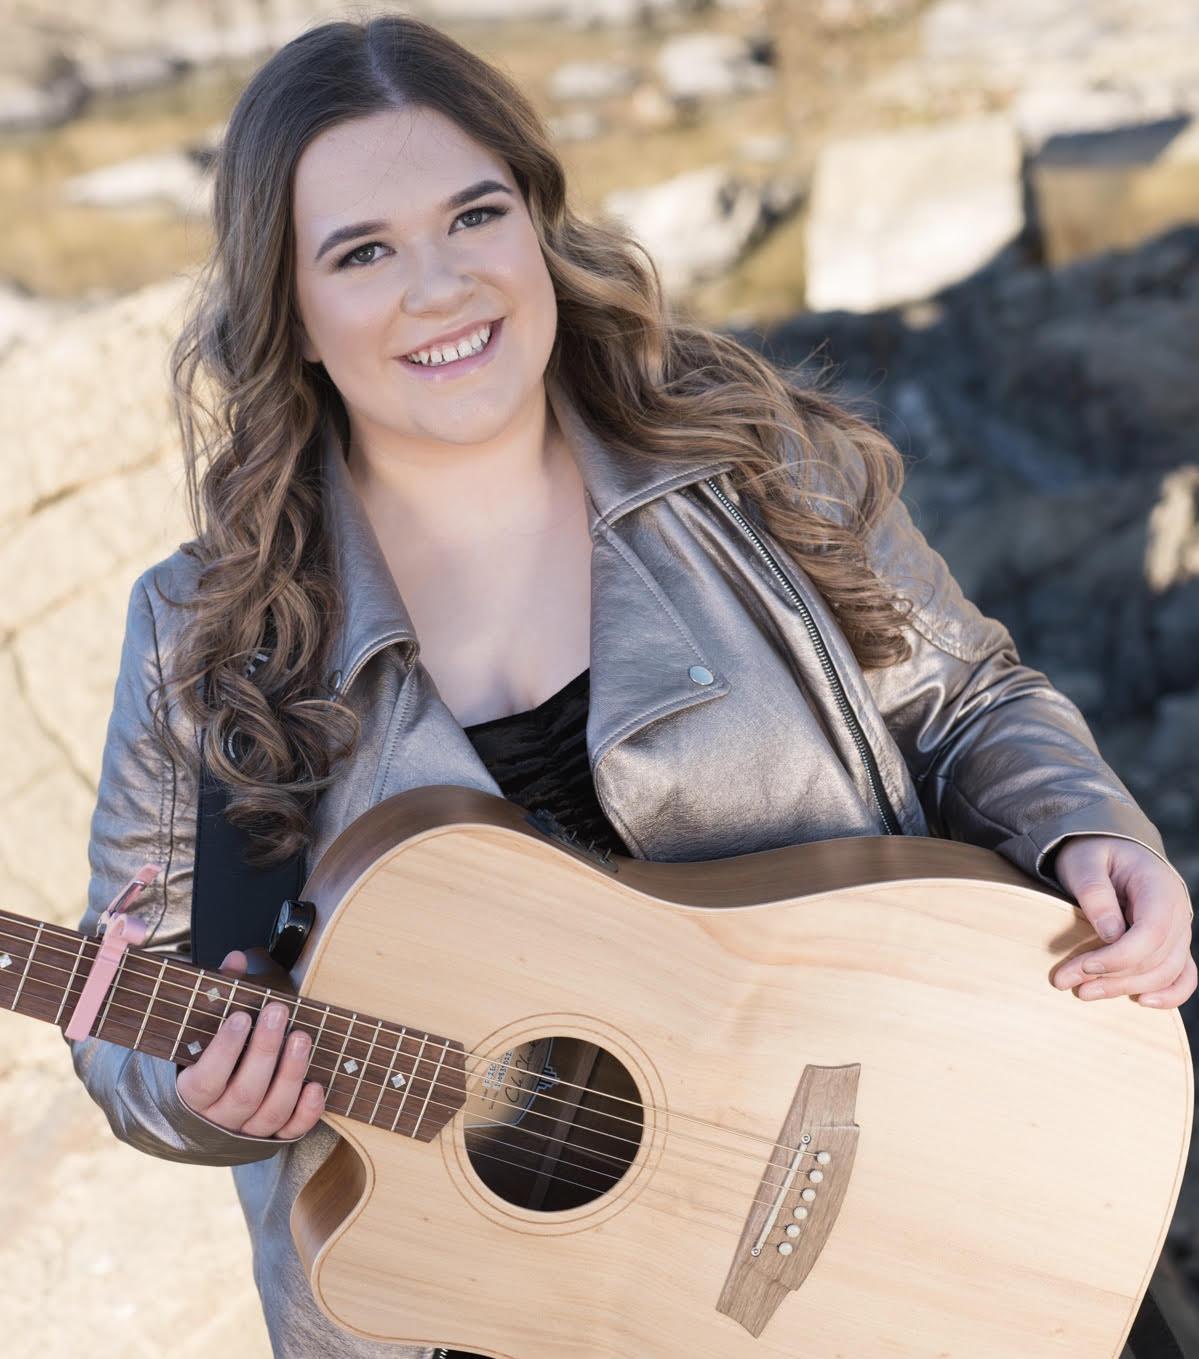 kayla singer smiling